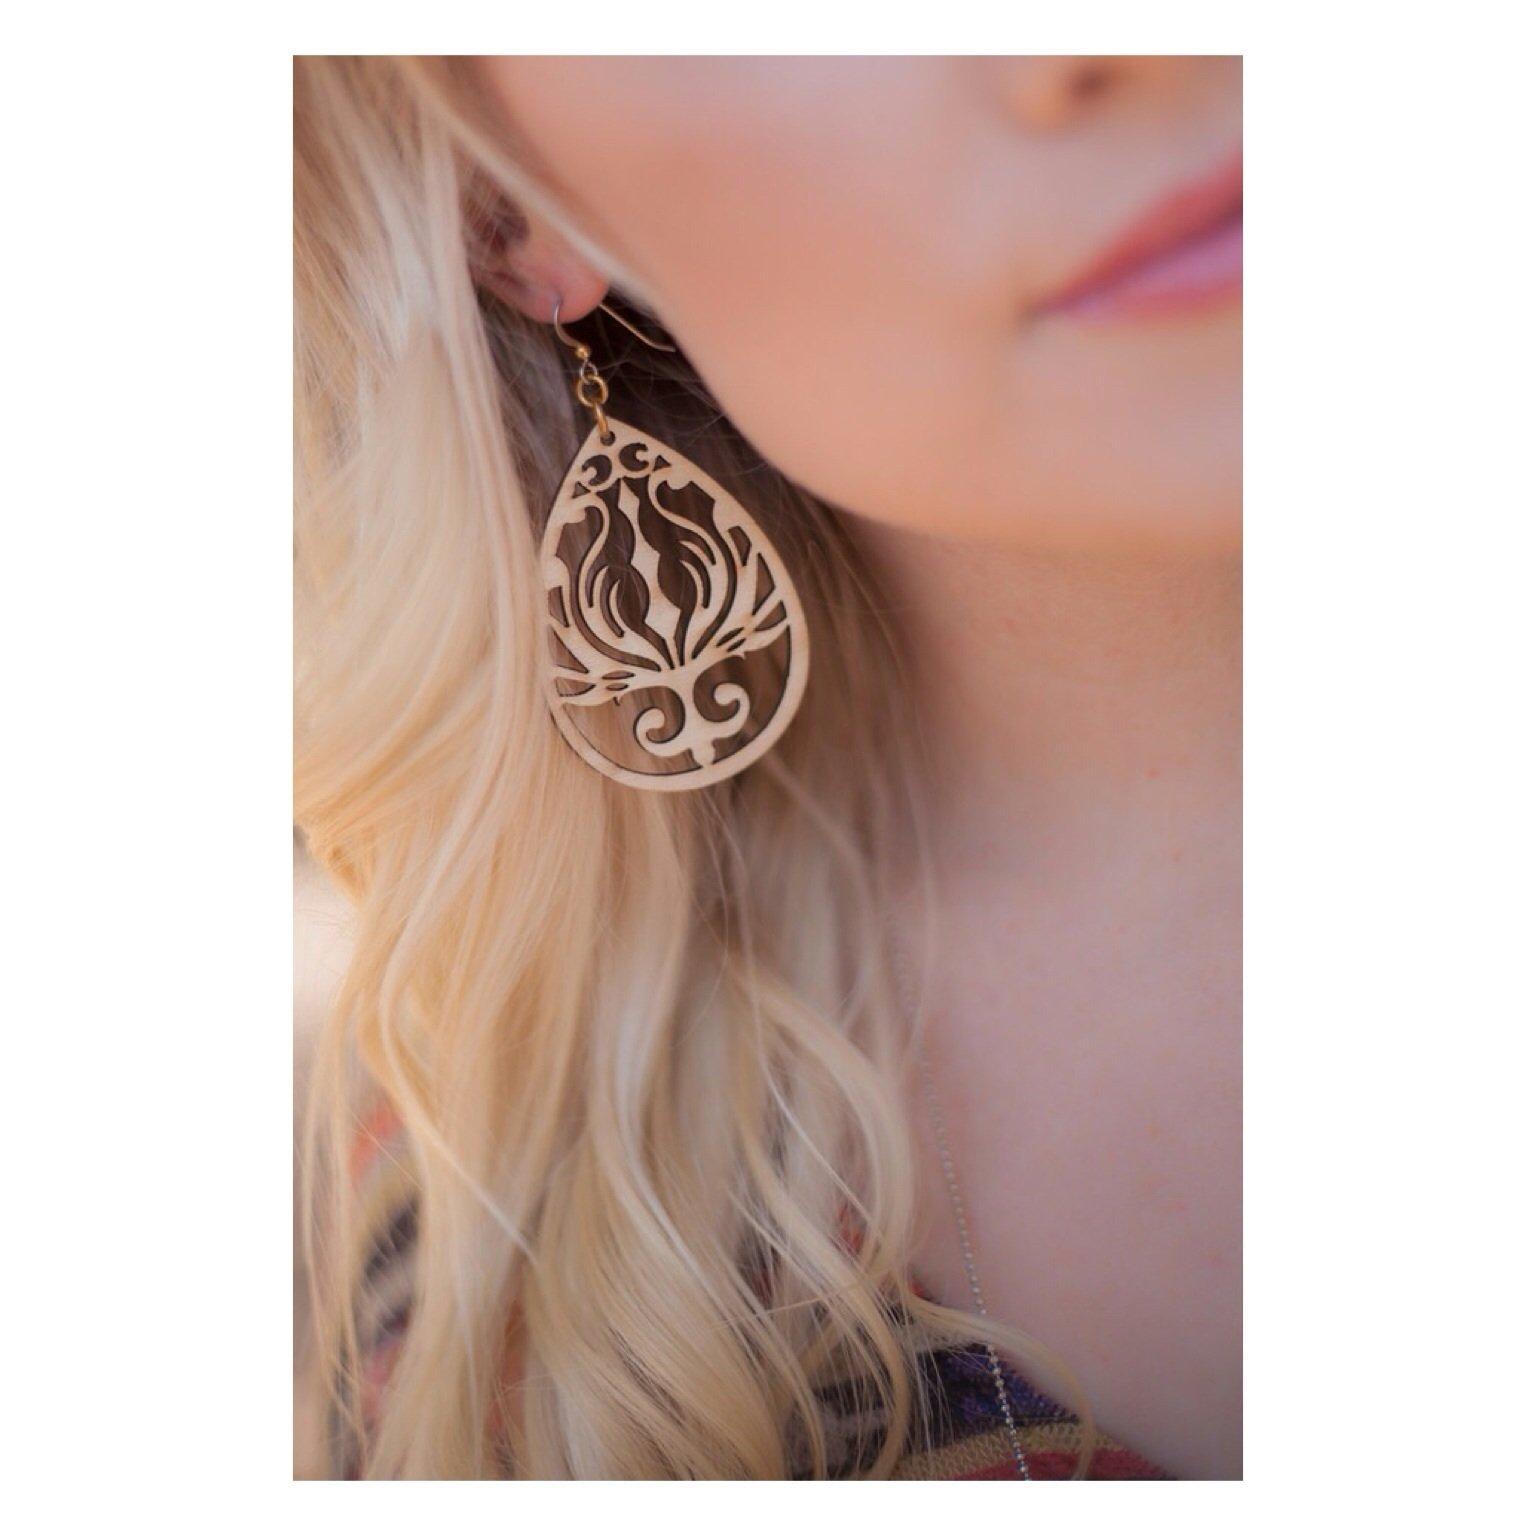 Image of The beach goddess earrings//